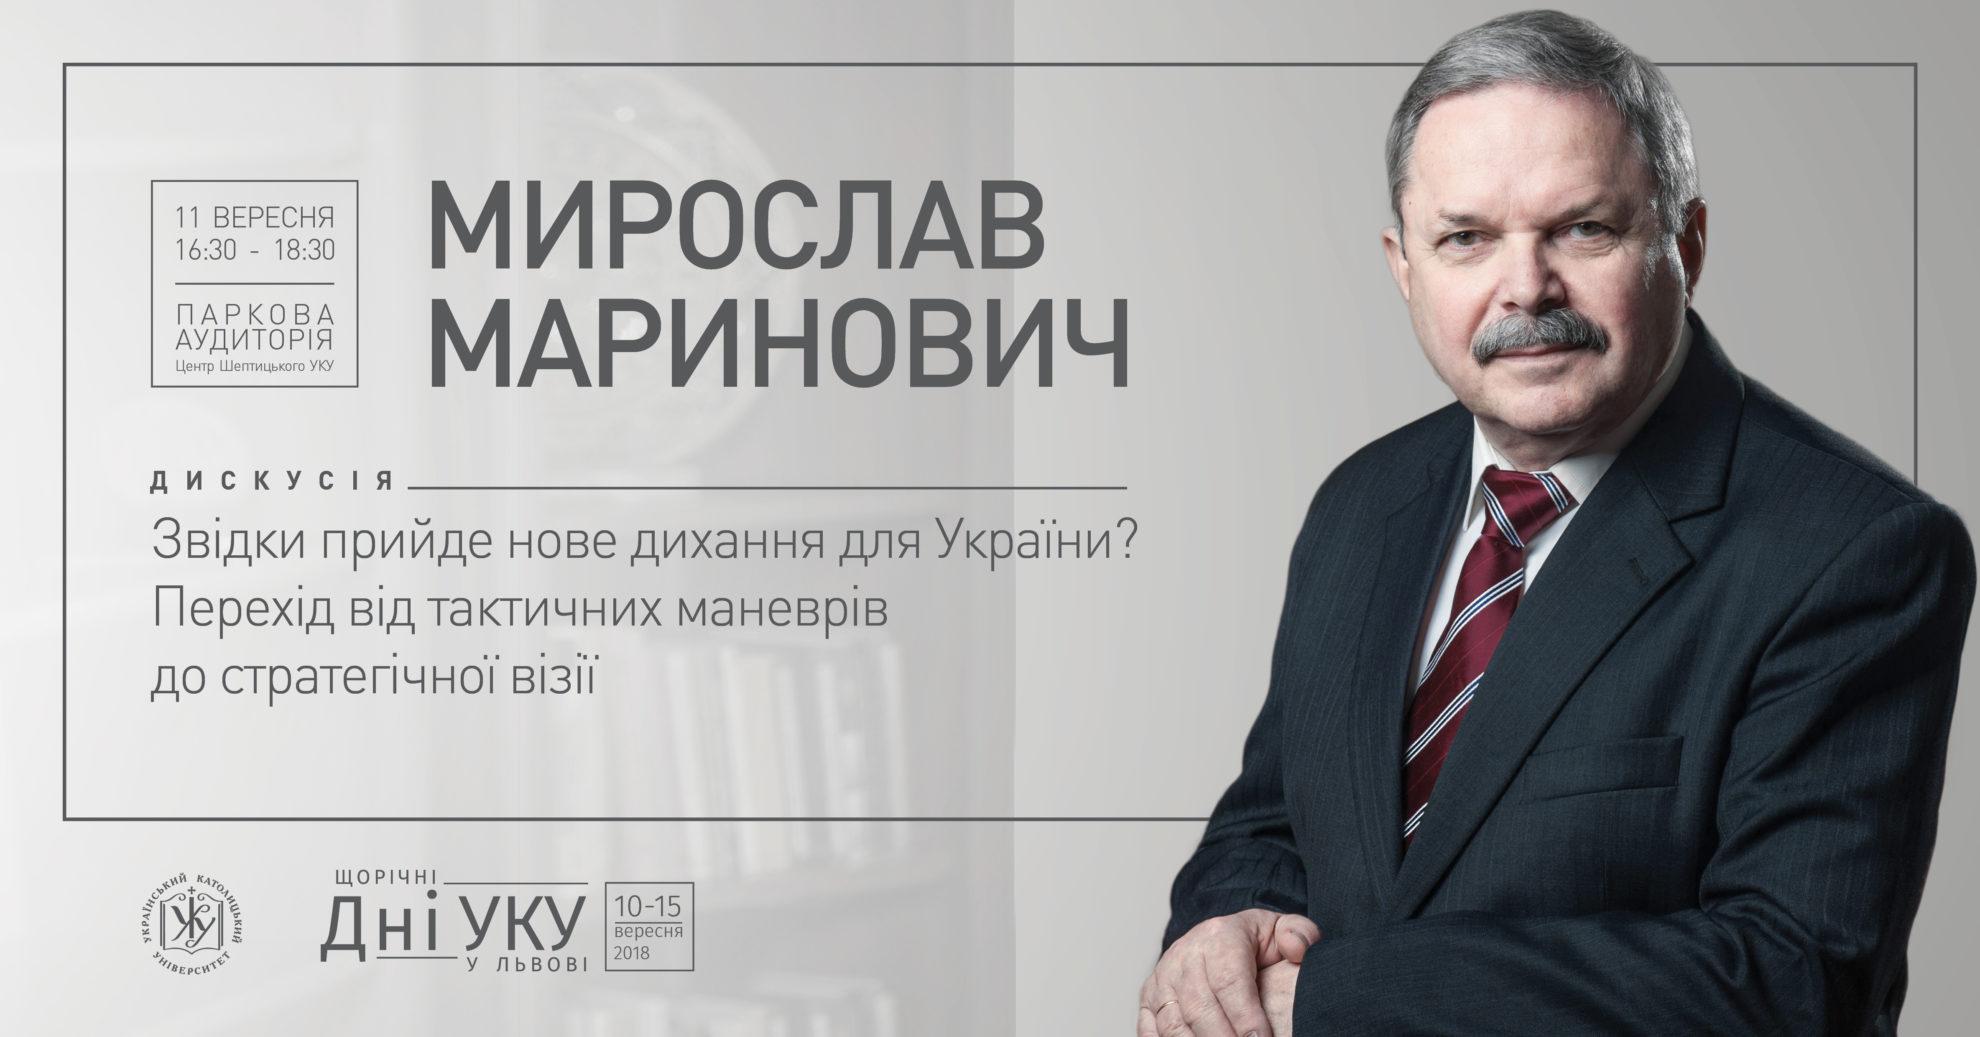 Звідки прийде нове дихання для України?